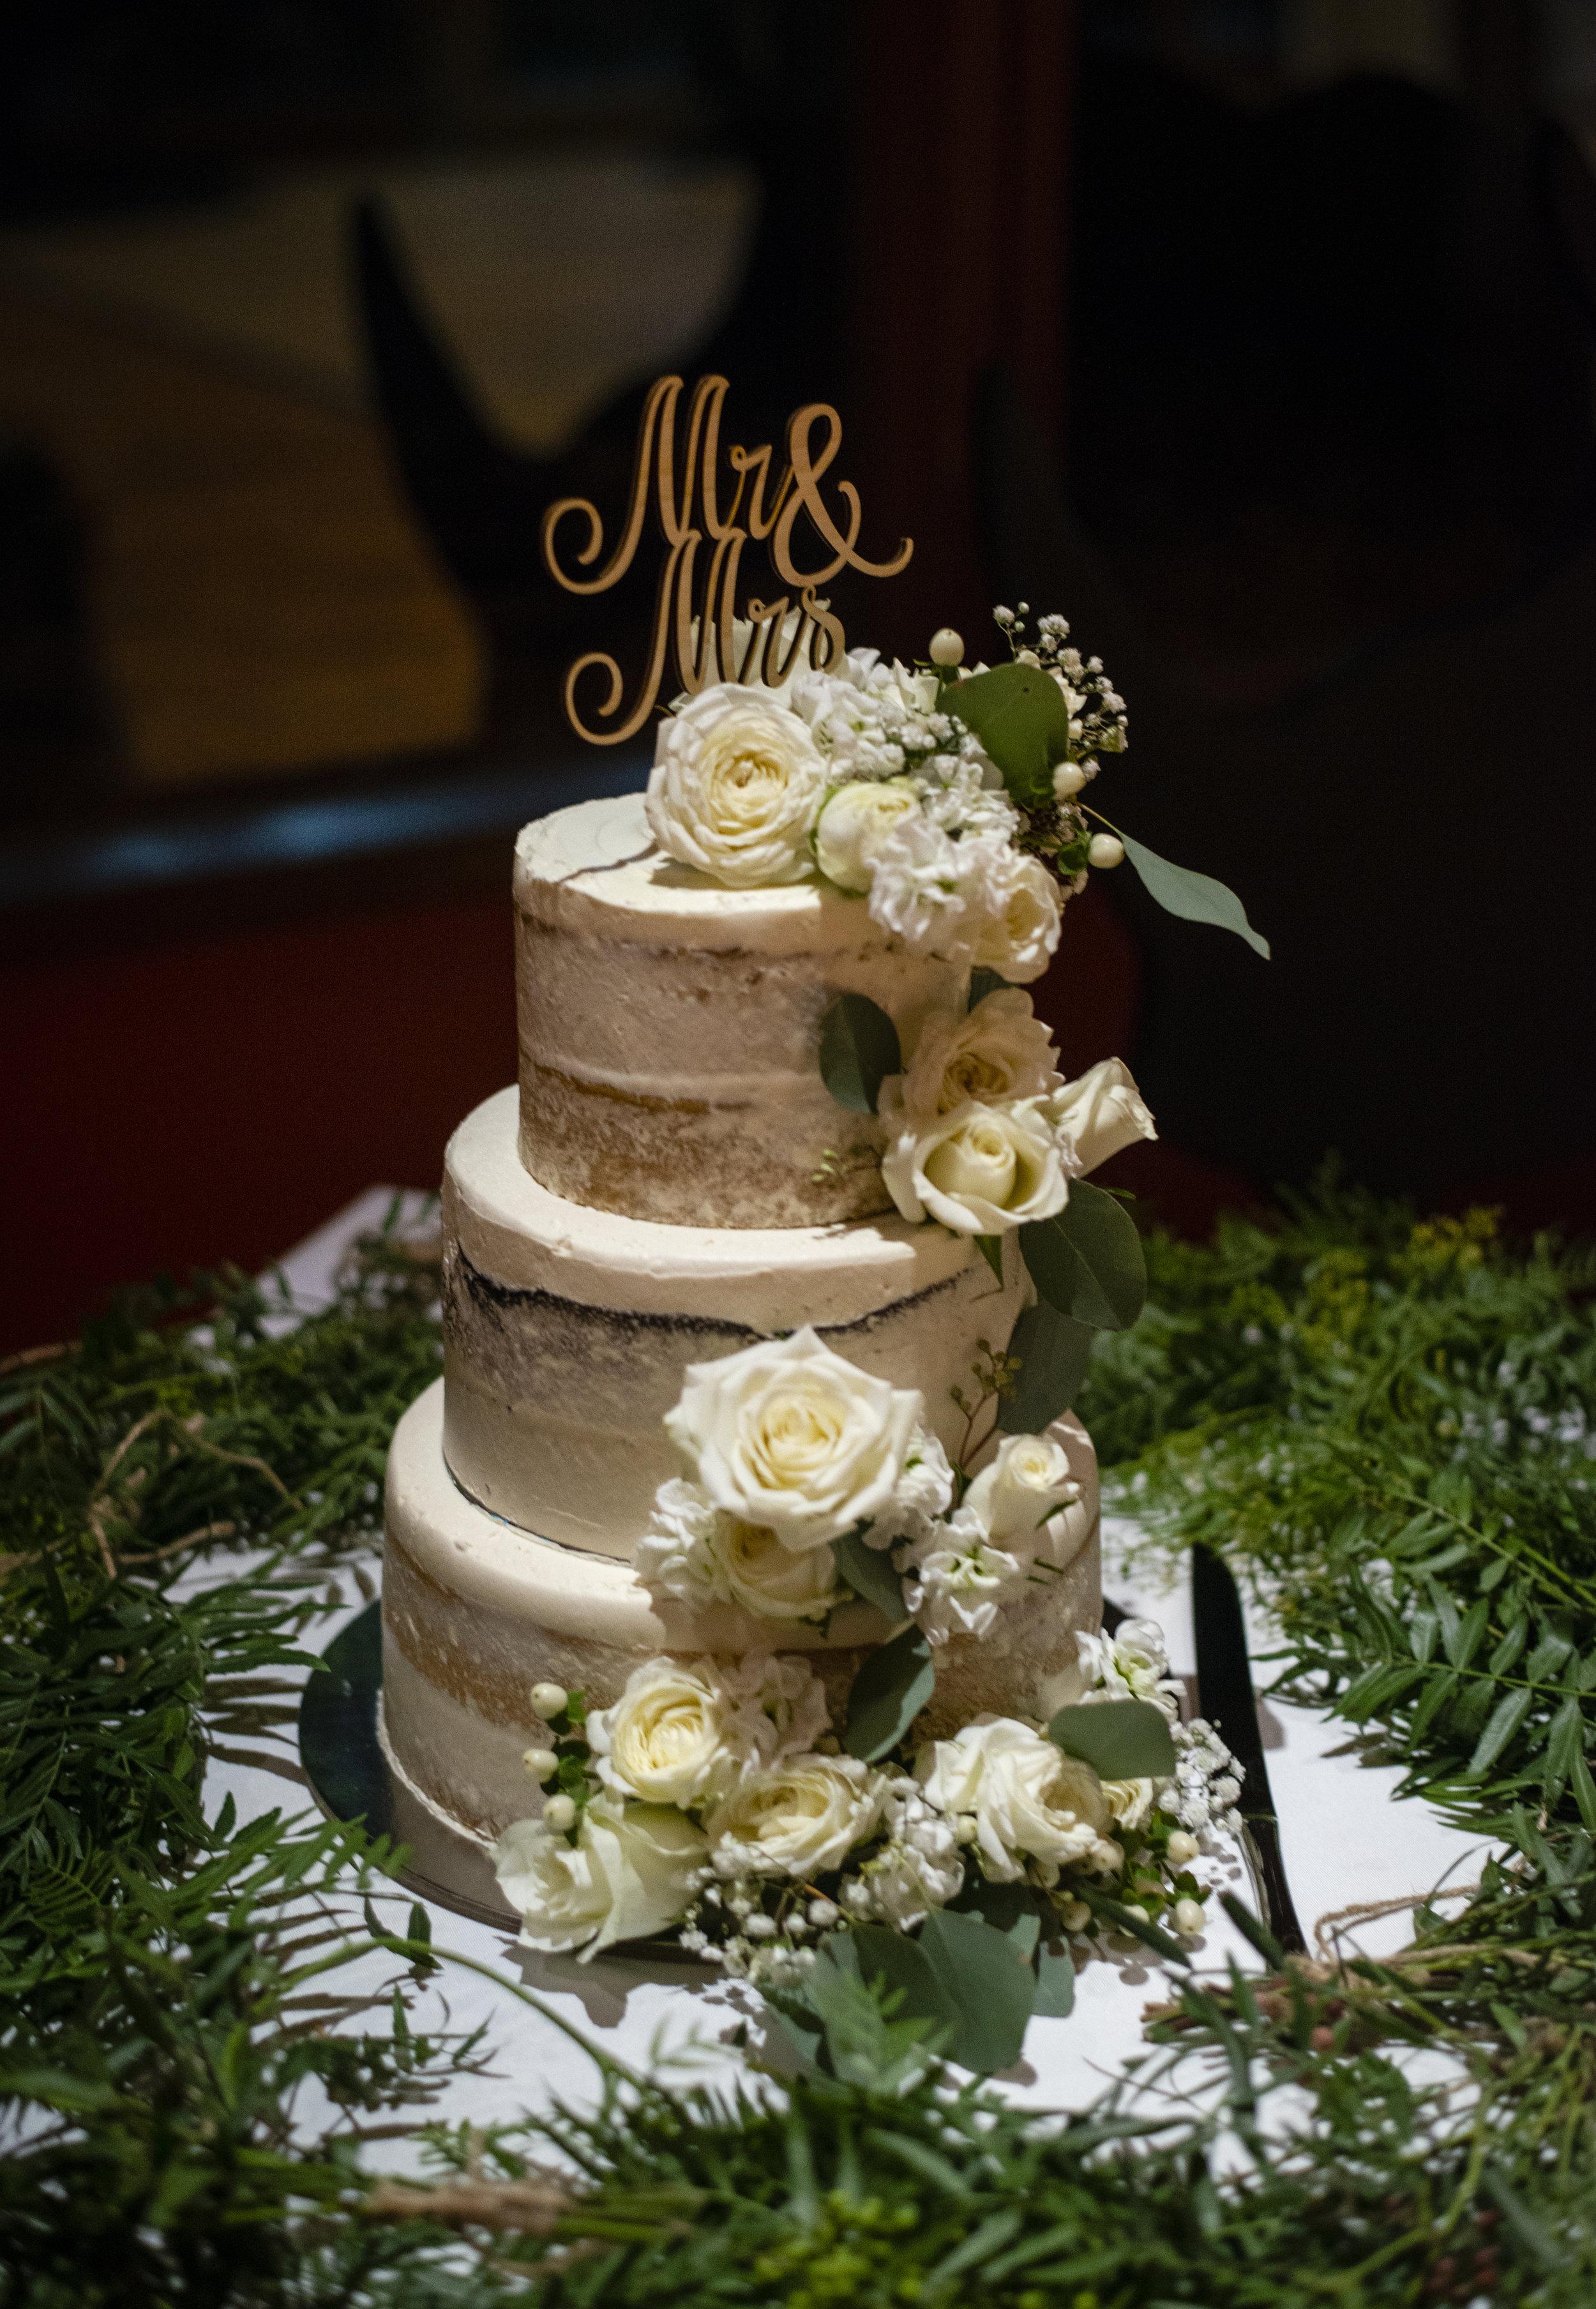 Sarah & Nick Cake: @mister_nice_guys_bakeshop